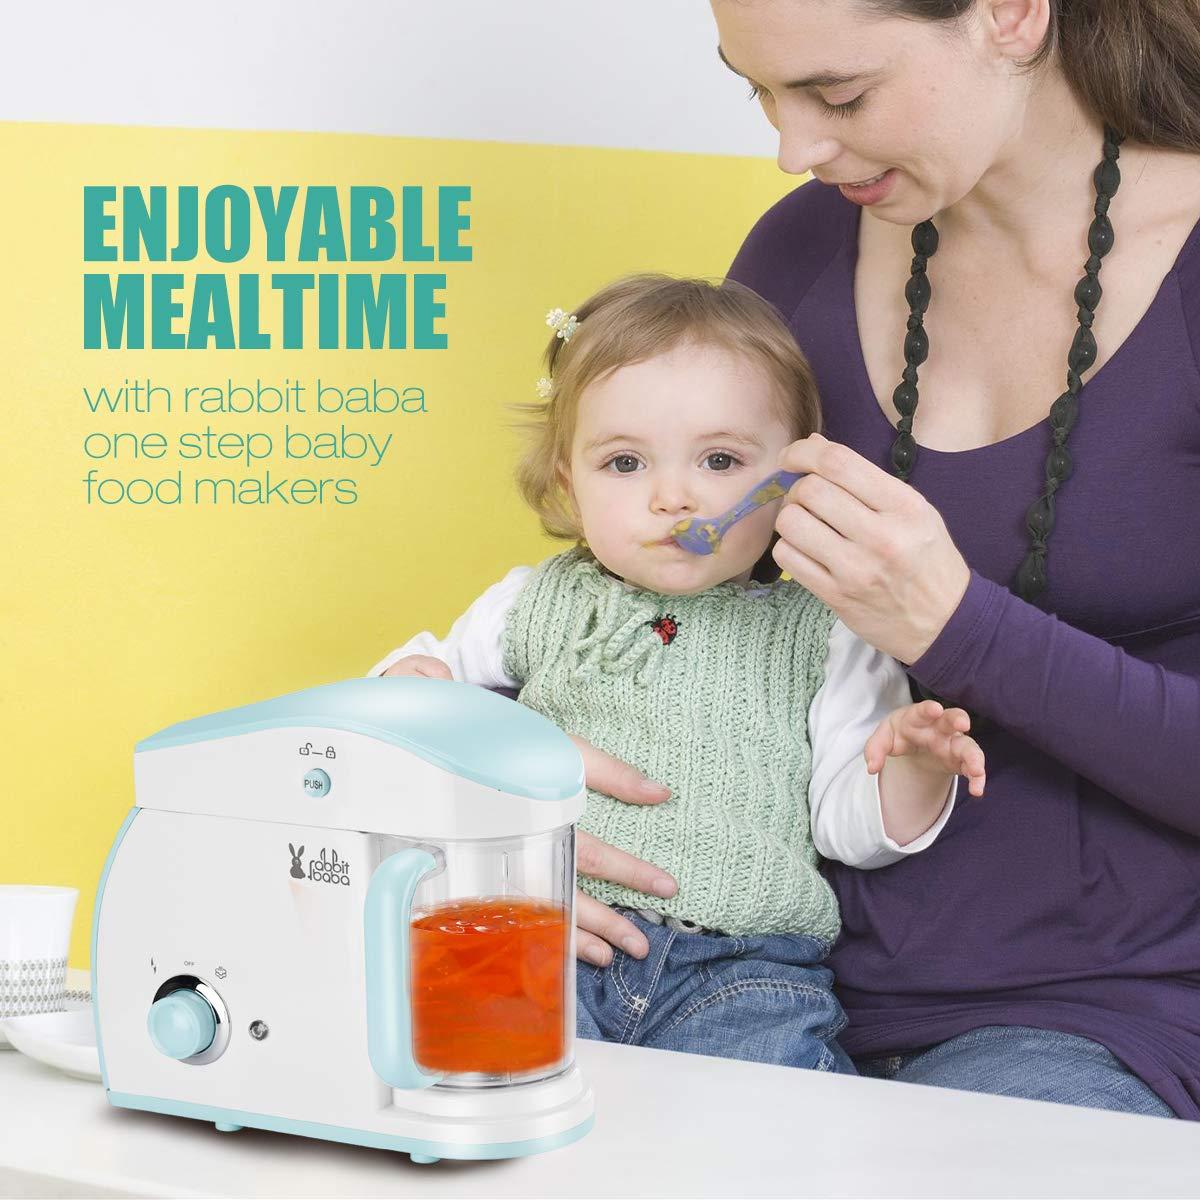 Rabbit baba Baby Food Maker, Dishwasher-Safe Food Processor, Multifunctional Blender, Steamer, Cooker for Baby,Infants and Toddlers Food (Blue)